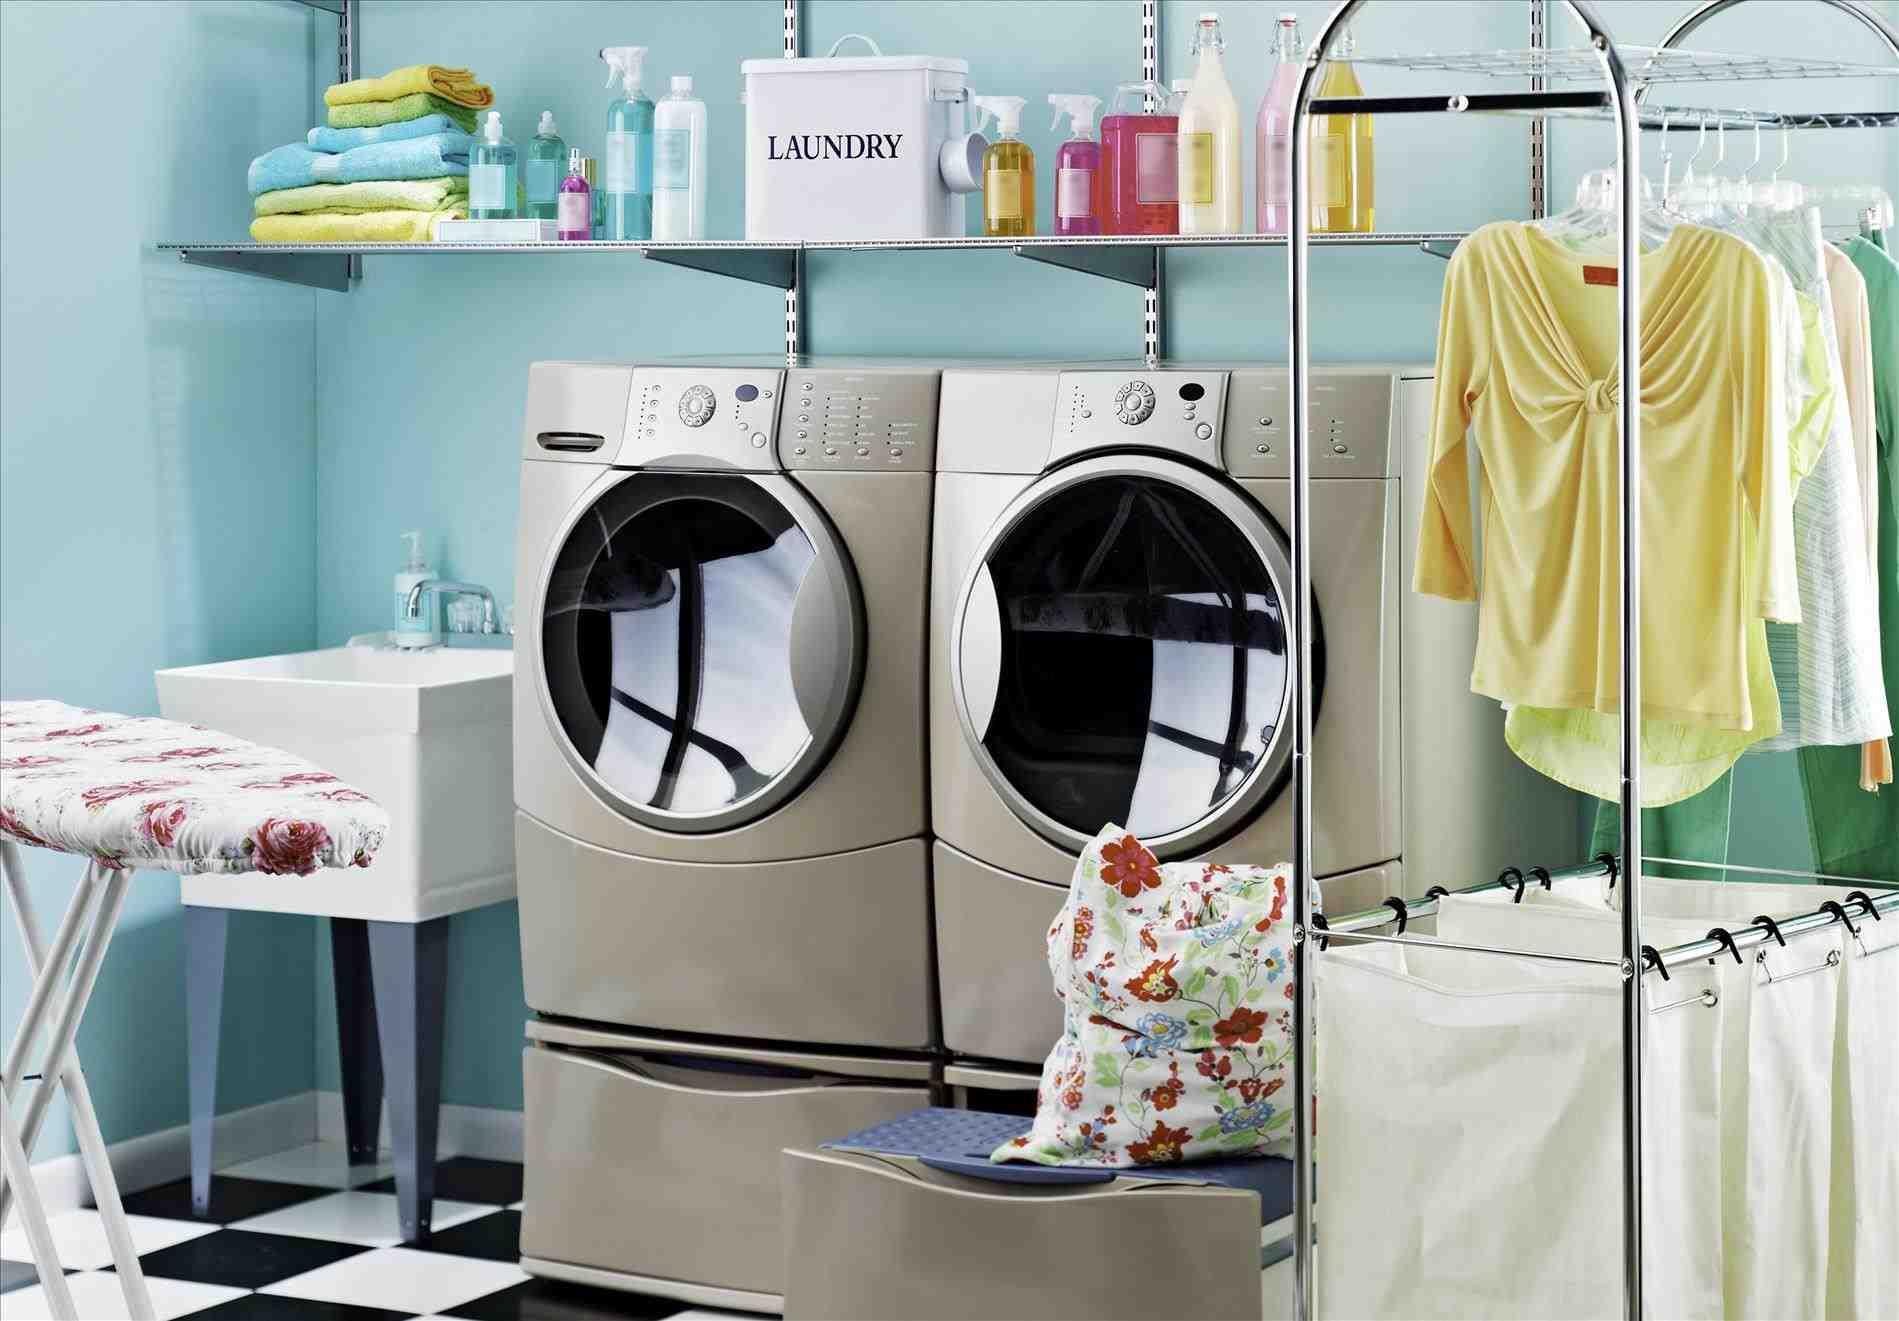 0a4261696d02 Άσχημη μυρωδιά στον κάδο του πλυντηρίου σου  Να τι κάνεις λάθος ...